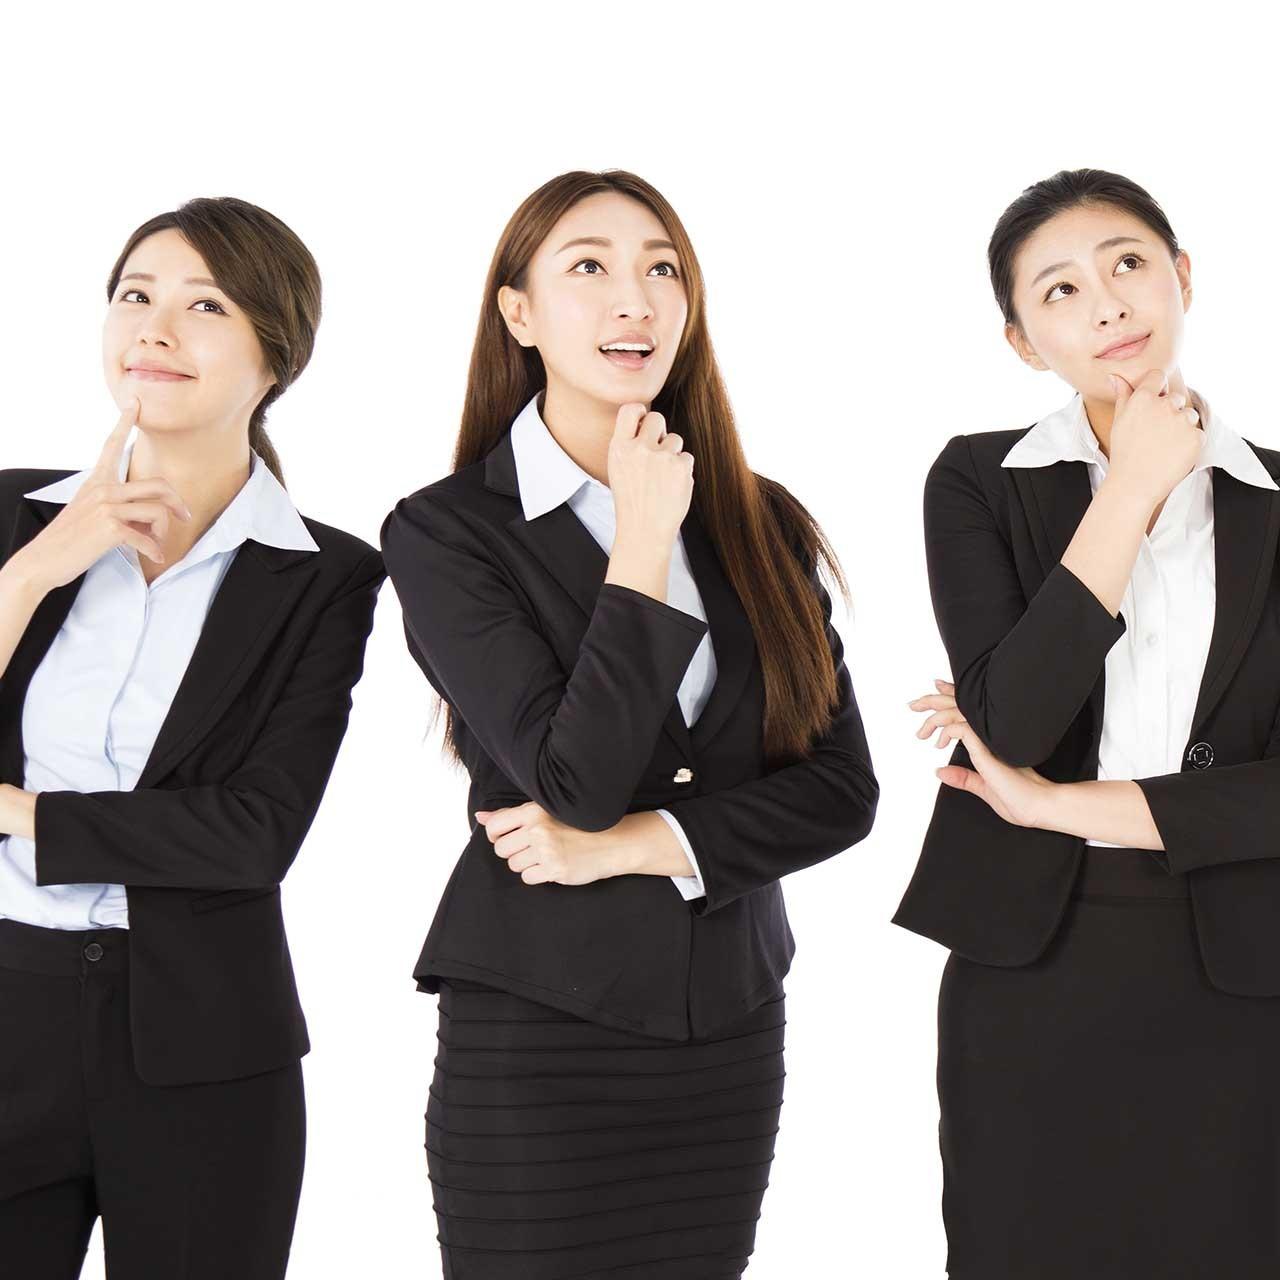 働くアラフォー女性3人